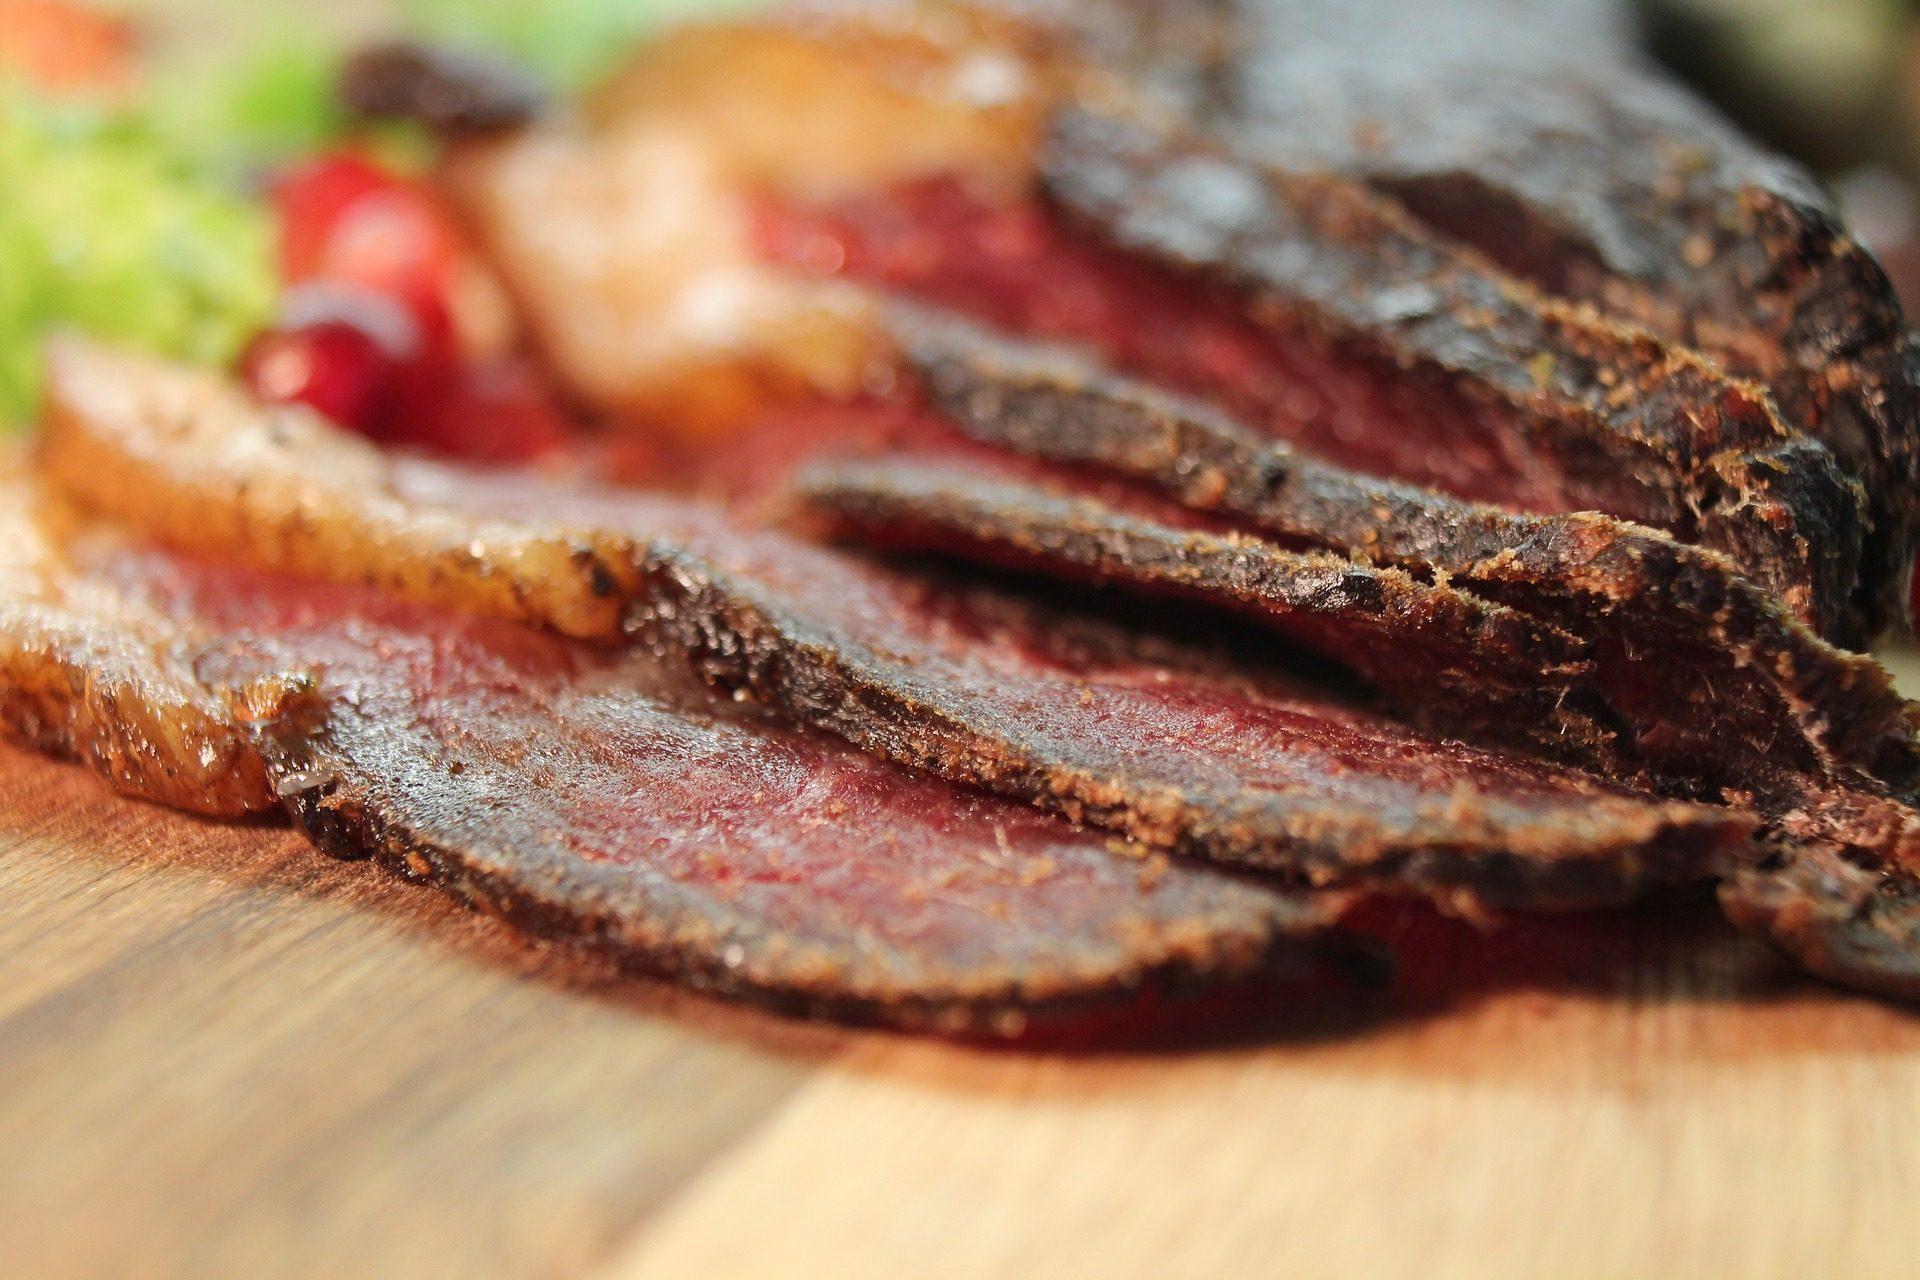 φέτες, μοσχαρίσιο κρέας, κρέας, ξηρά, σπασμωδικές - Wallpapers HD - Professor-falken.com